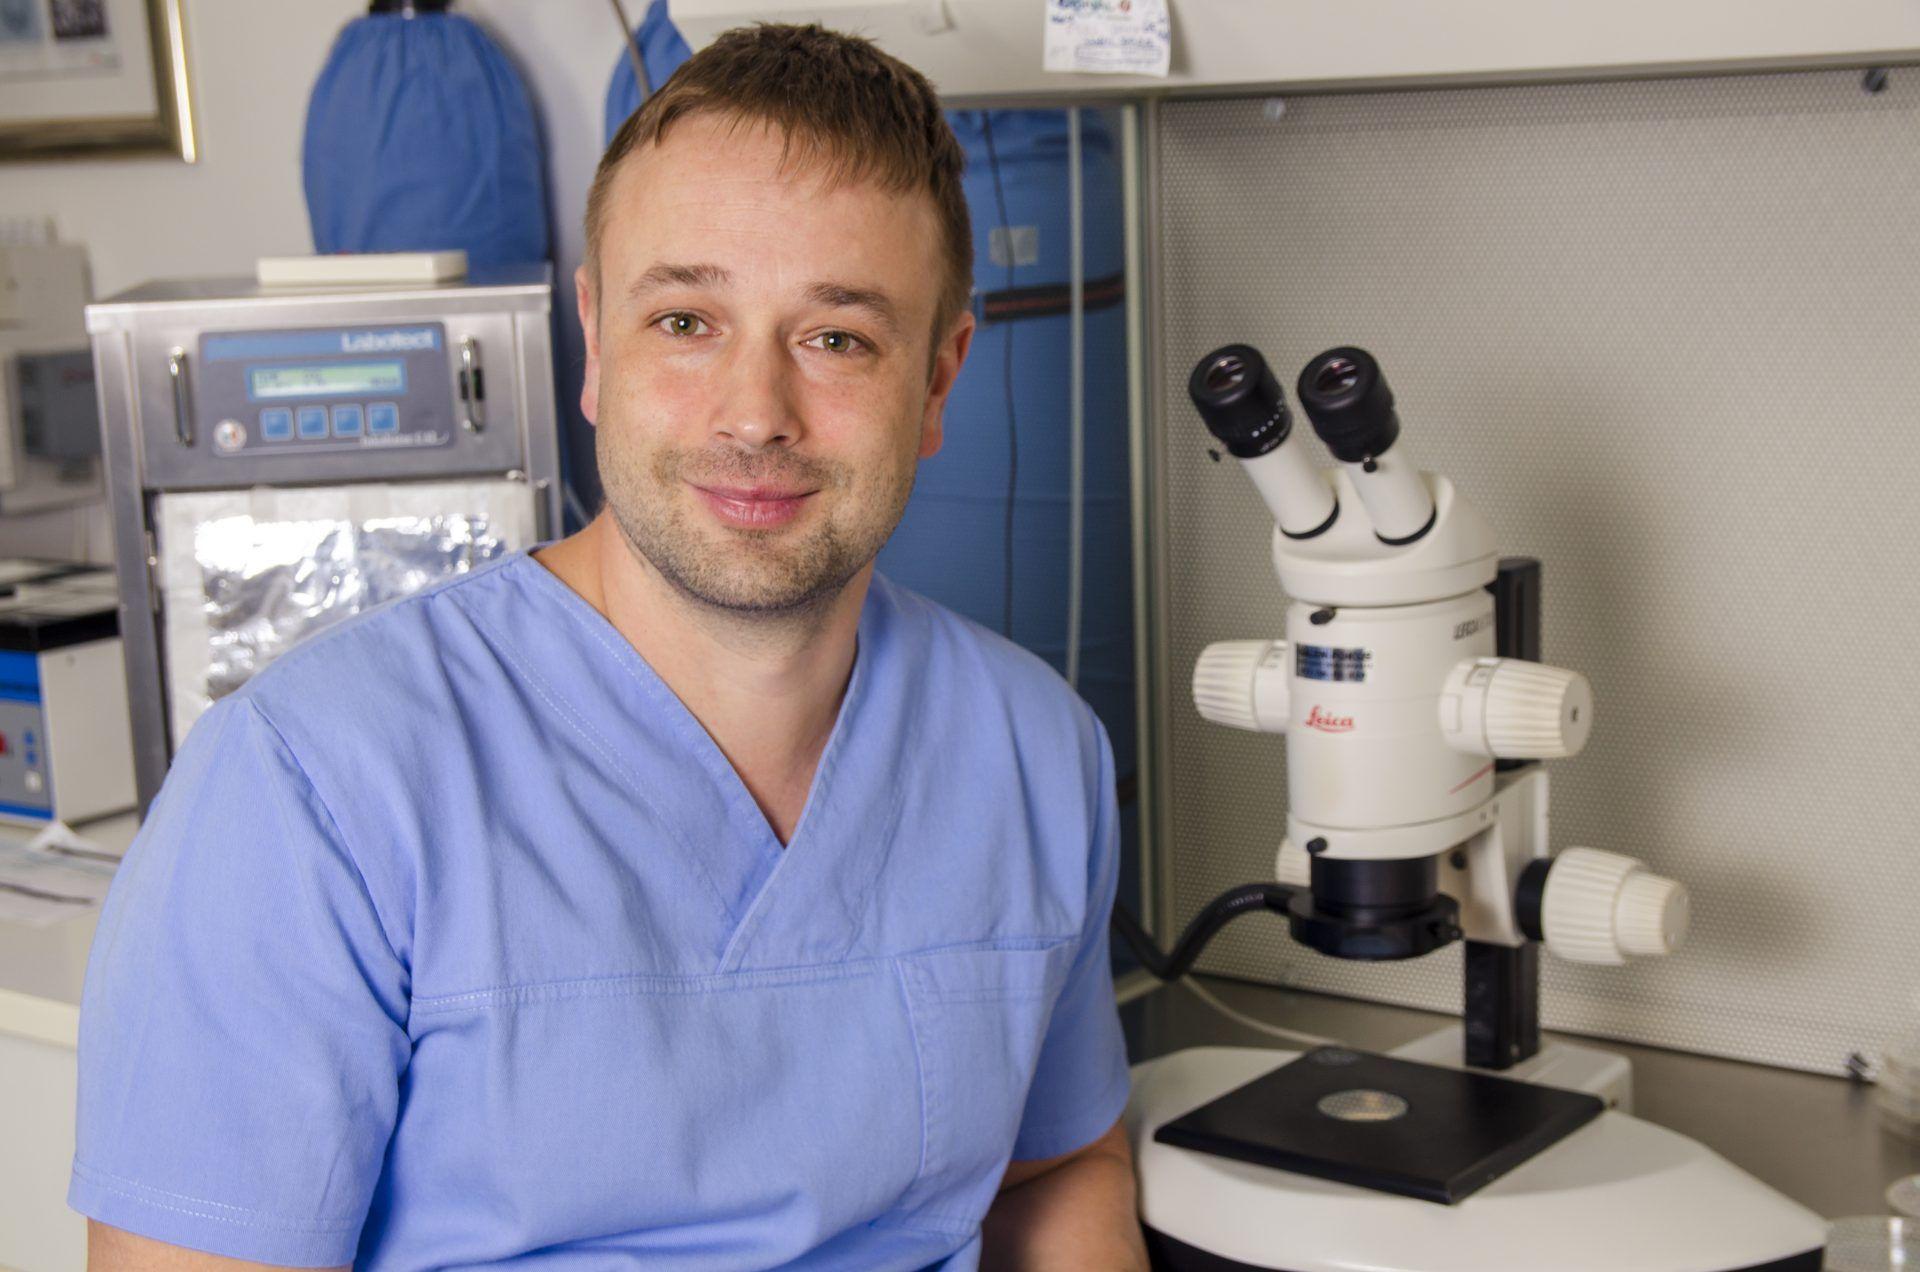 Balyi Balazs, klinički embriolog bolnice Genesis Moj